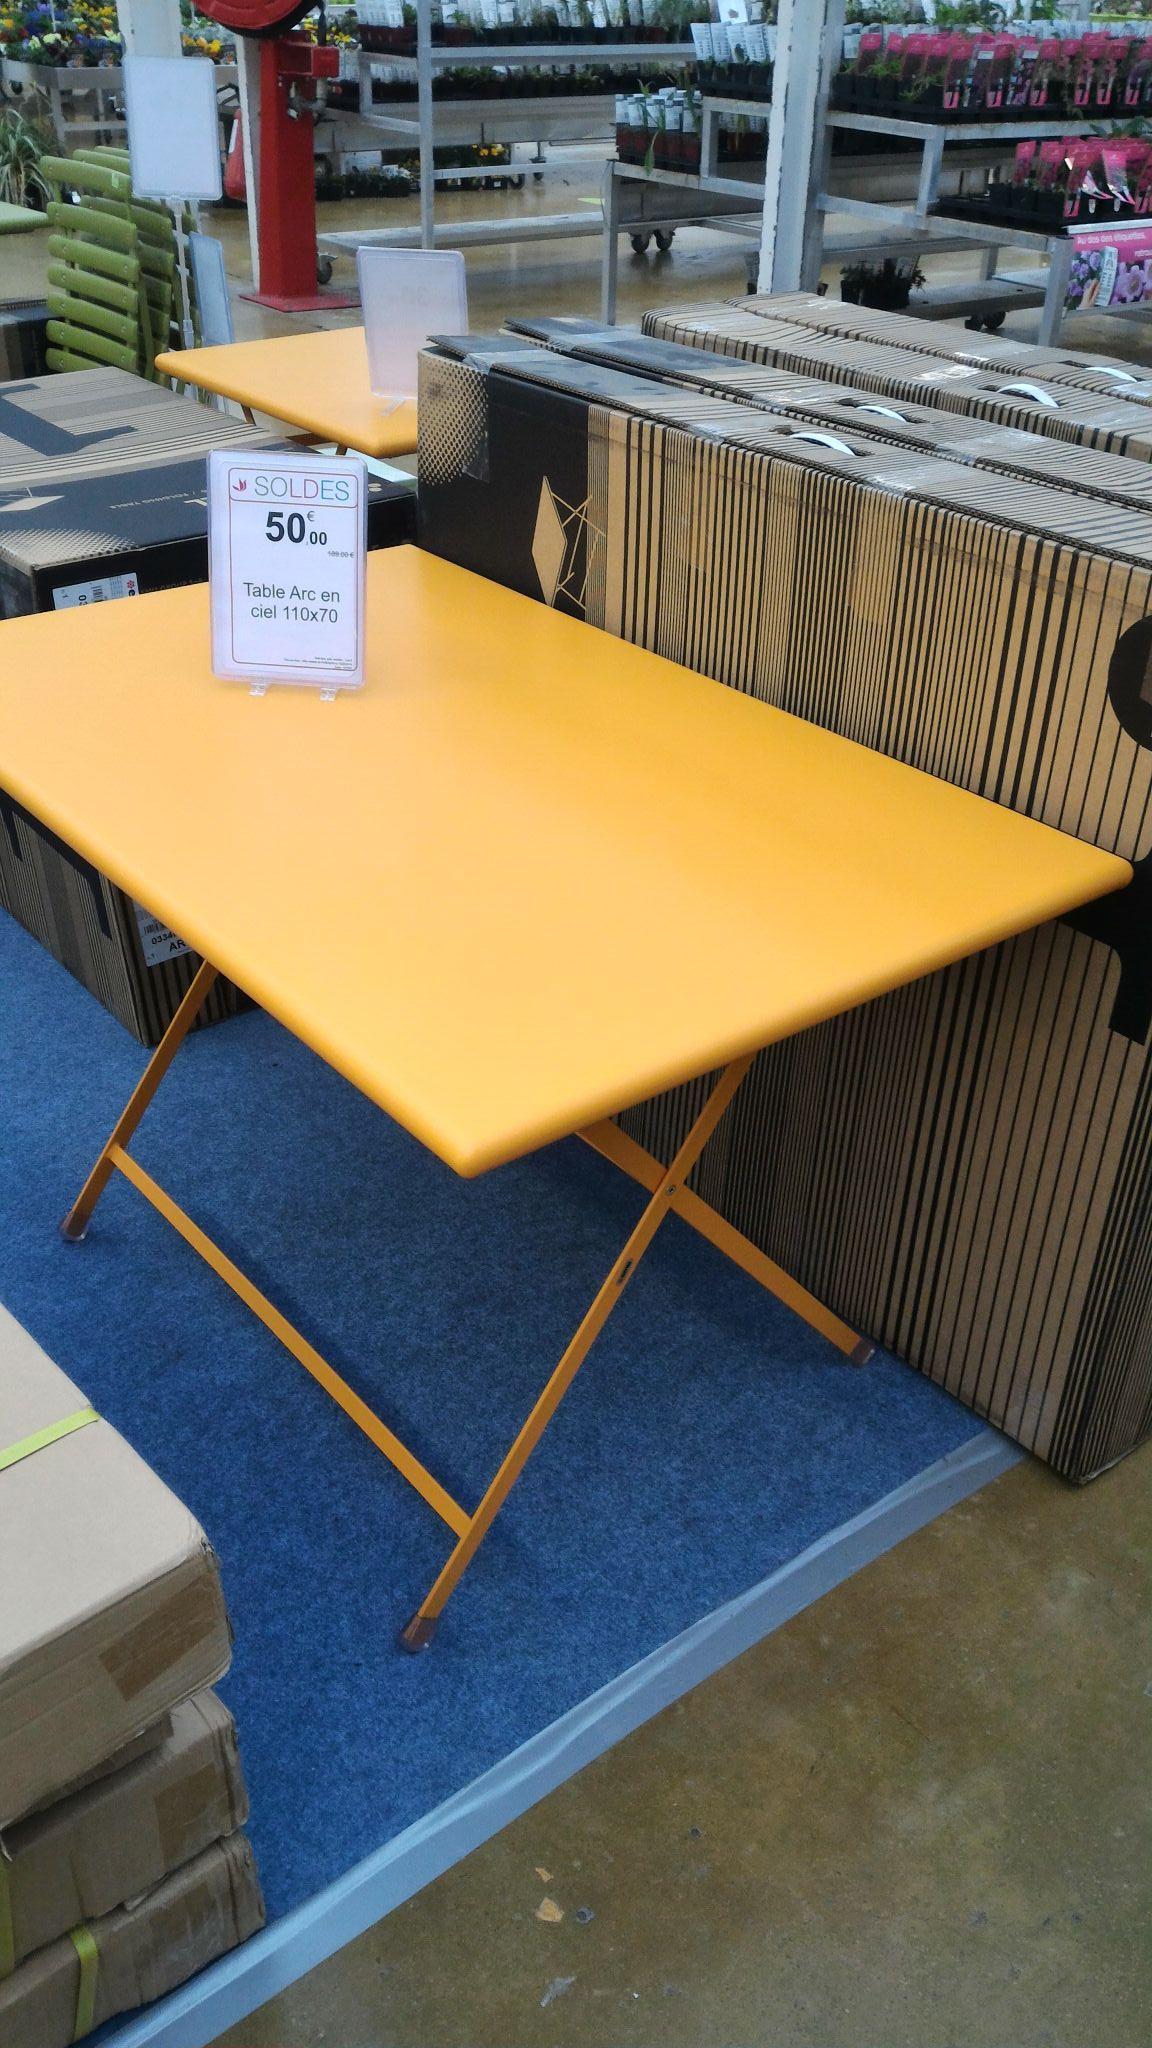 Table de jardin Emu Arc en ciel - 110x70cm Emu et d'autres articles Emu